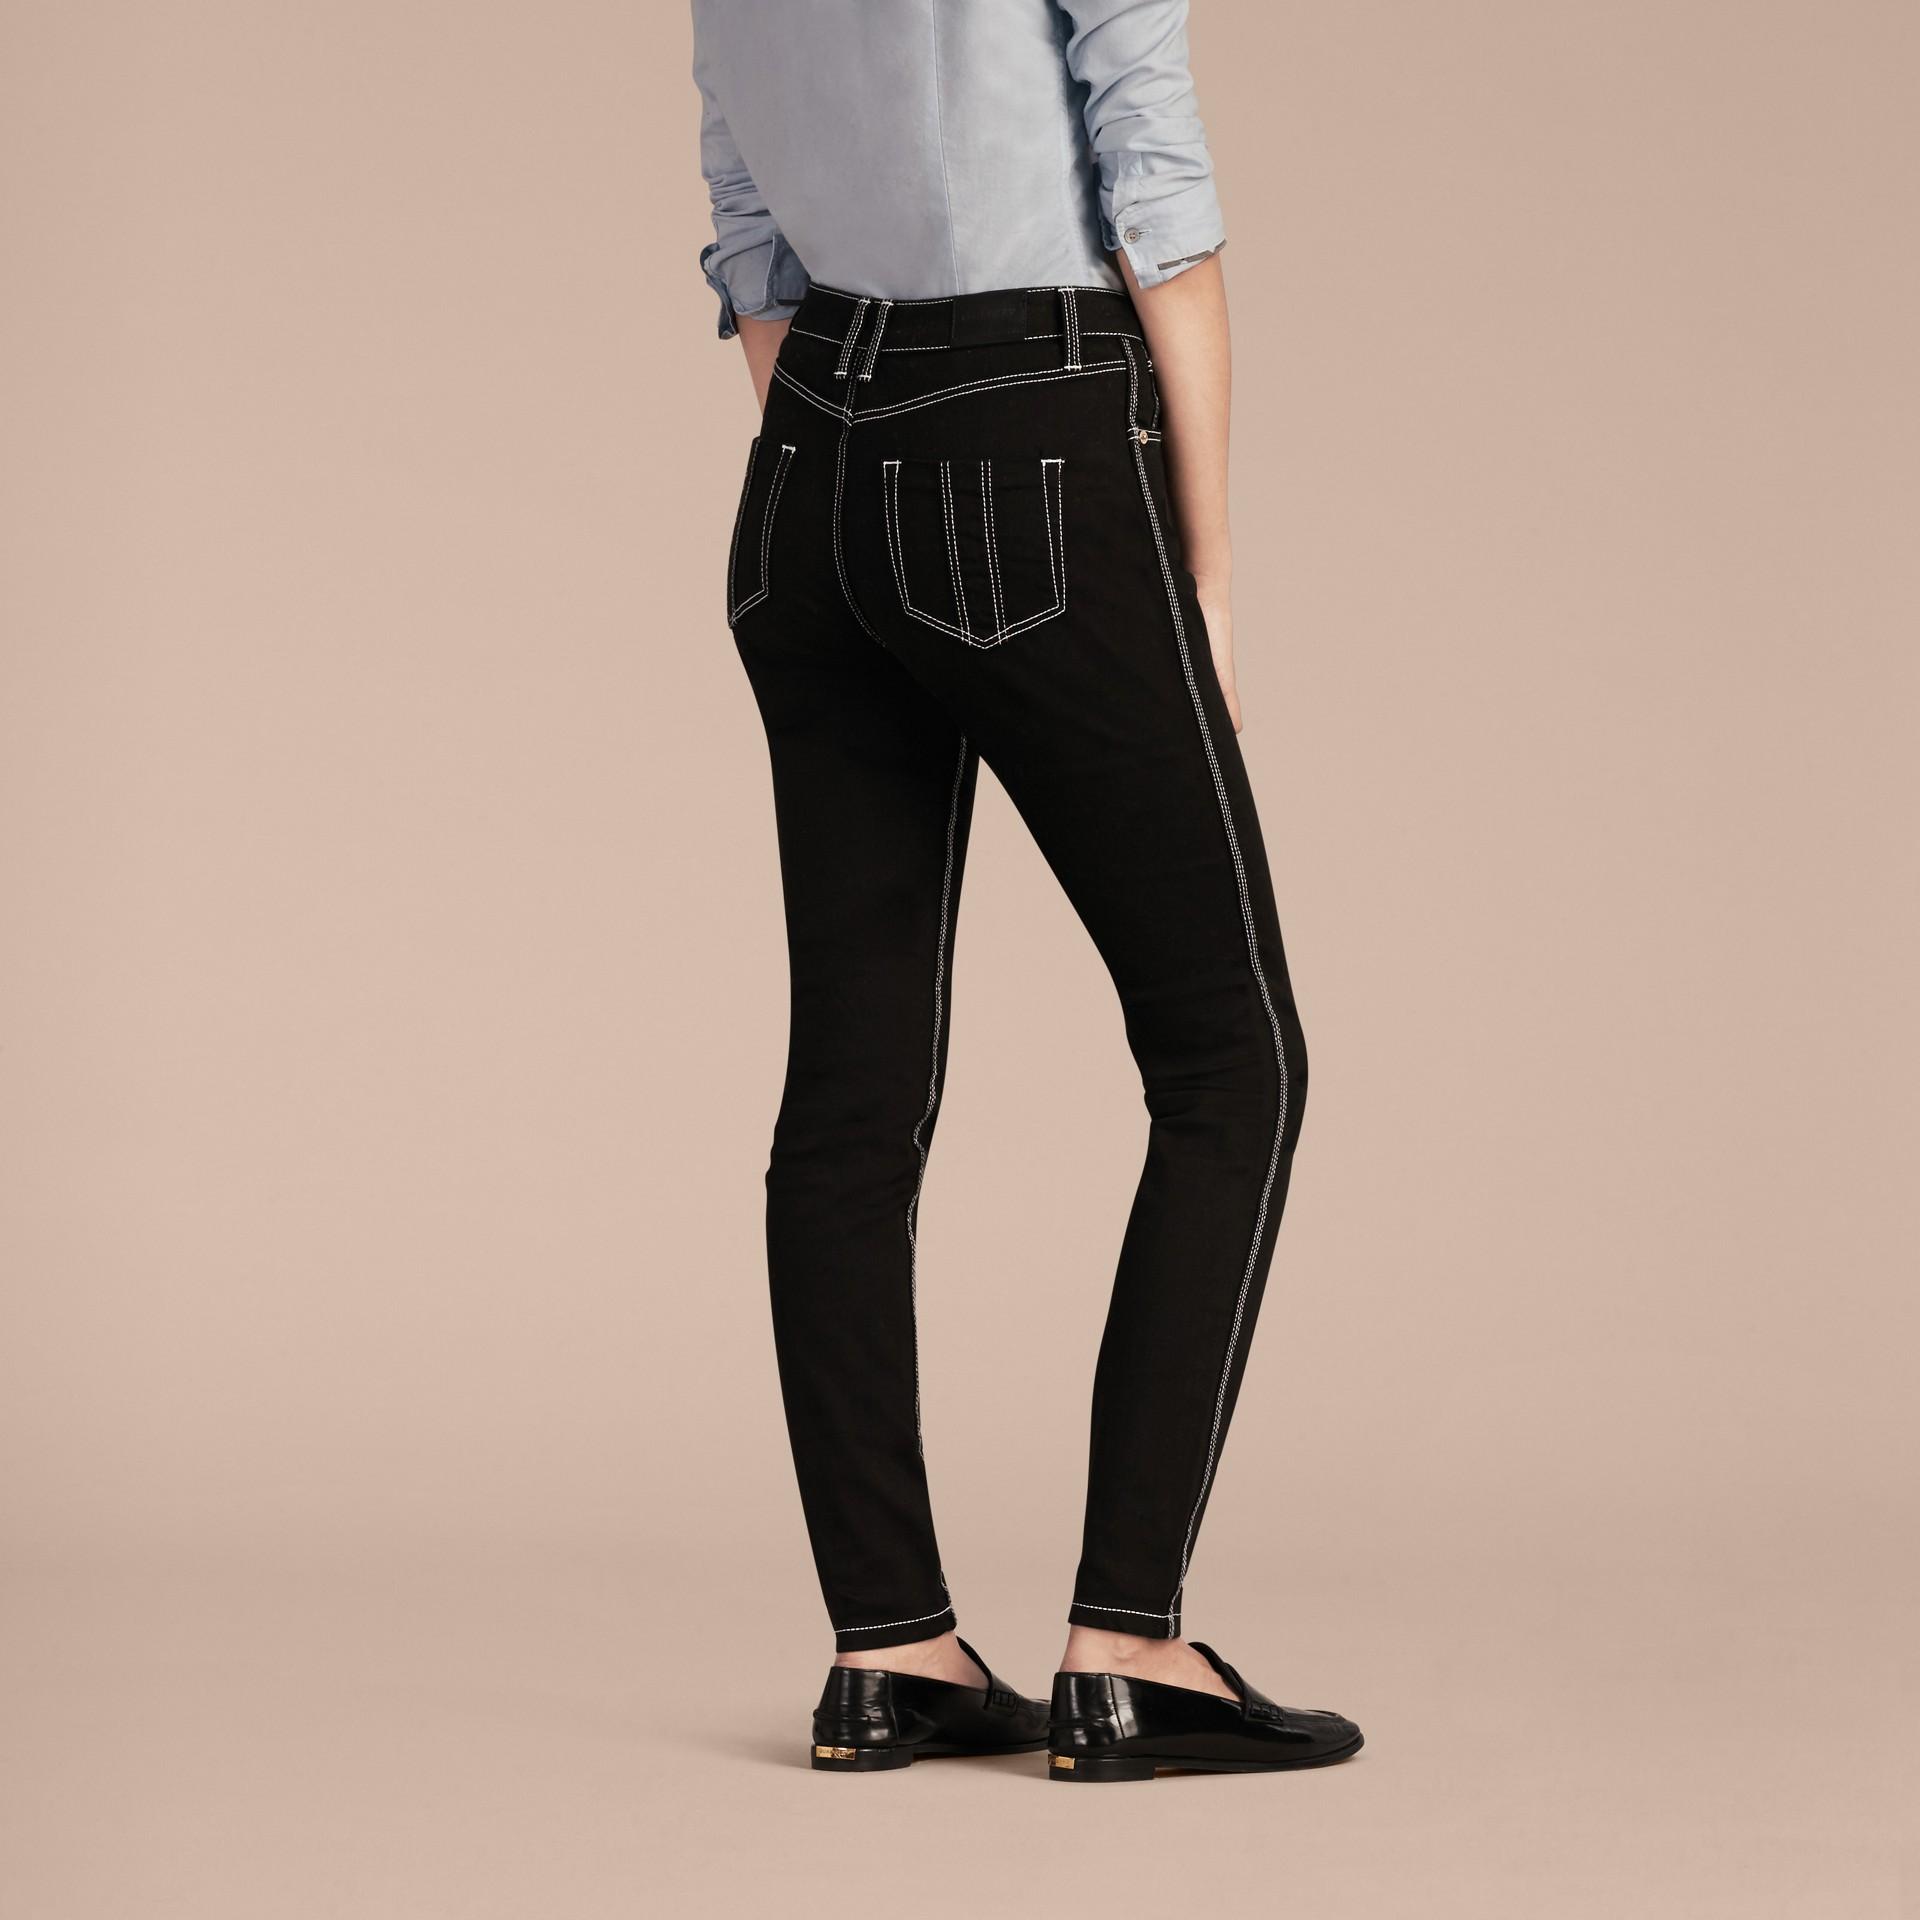 Schwarz Skinny-Jeans aus Stretchdenim mit kontrastierenden Steppnähten - Galerie-Bild 3